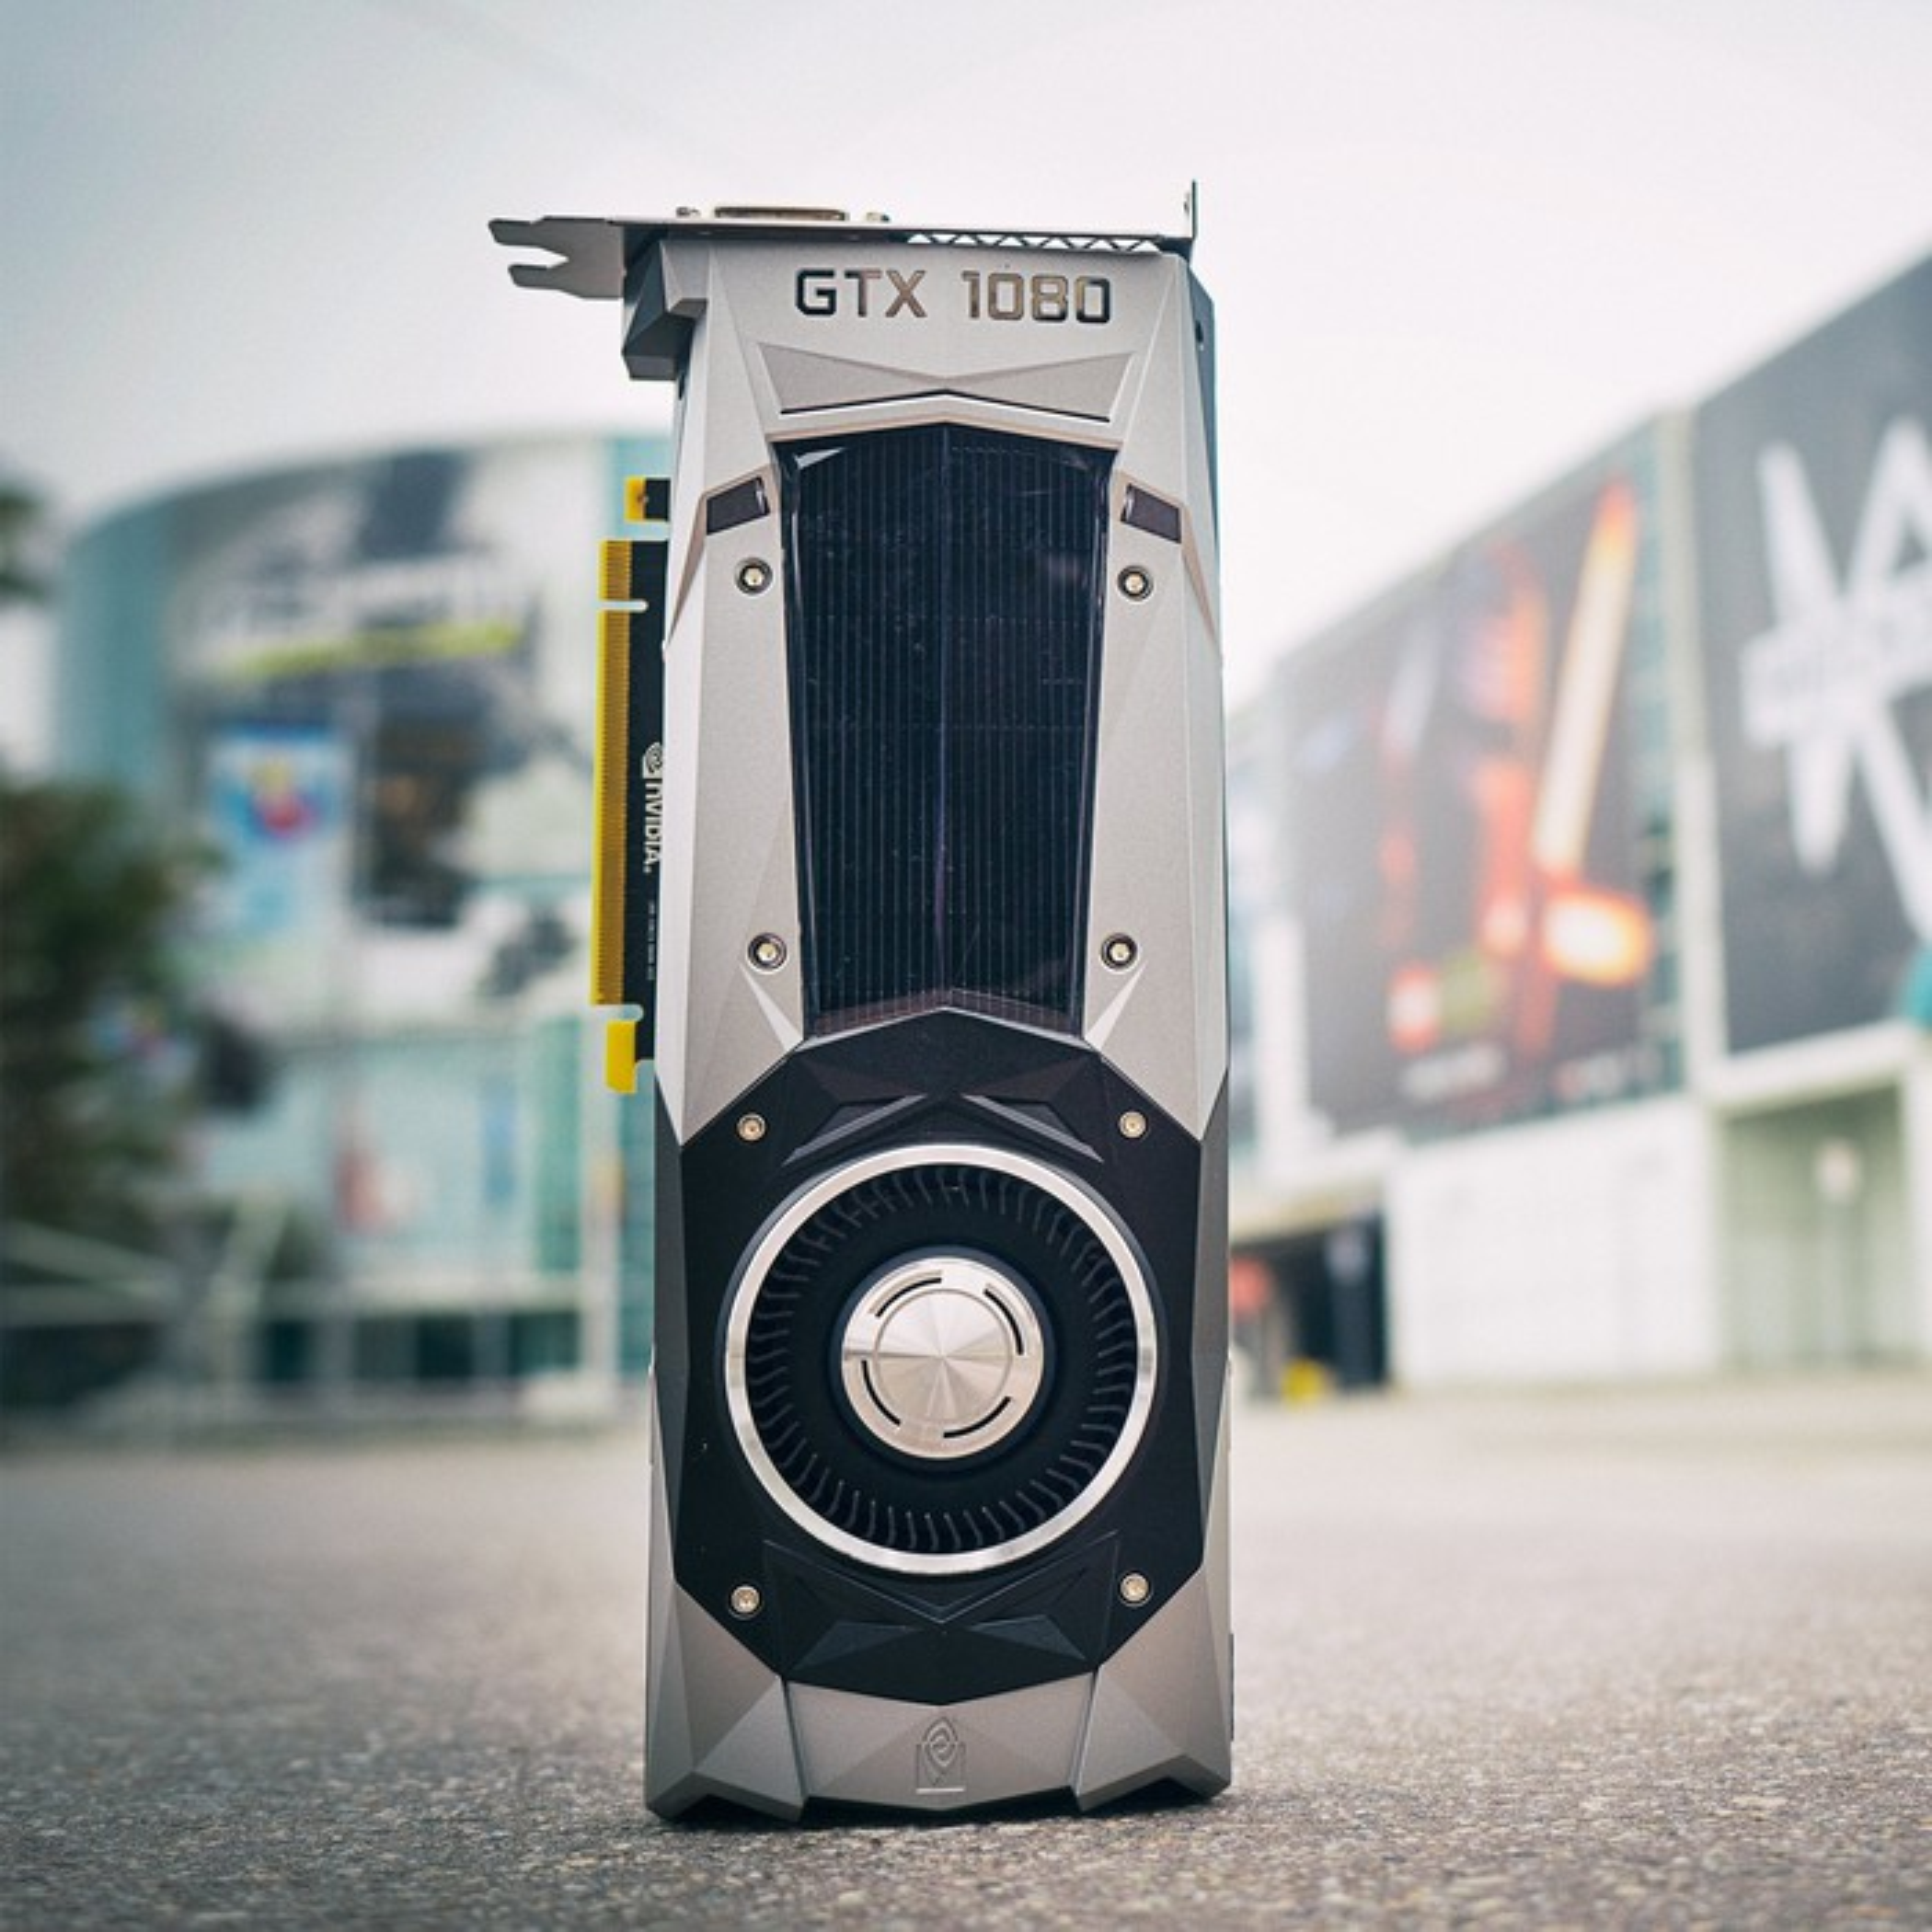 A NVIDIA GTX 1080 GPU.